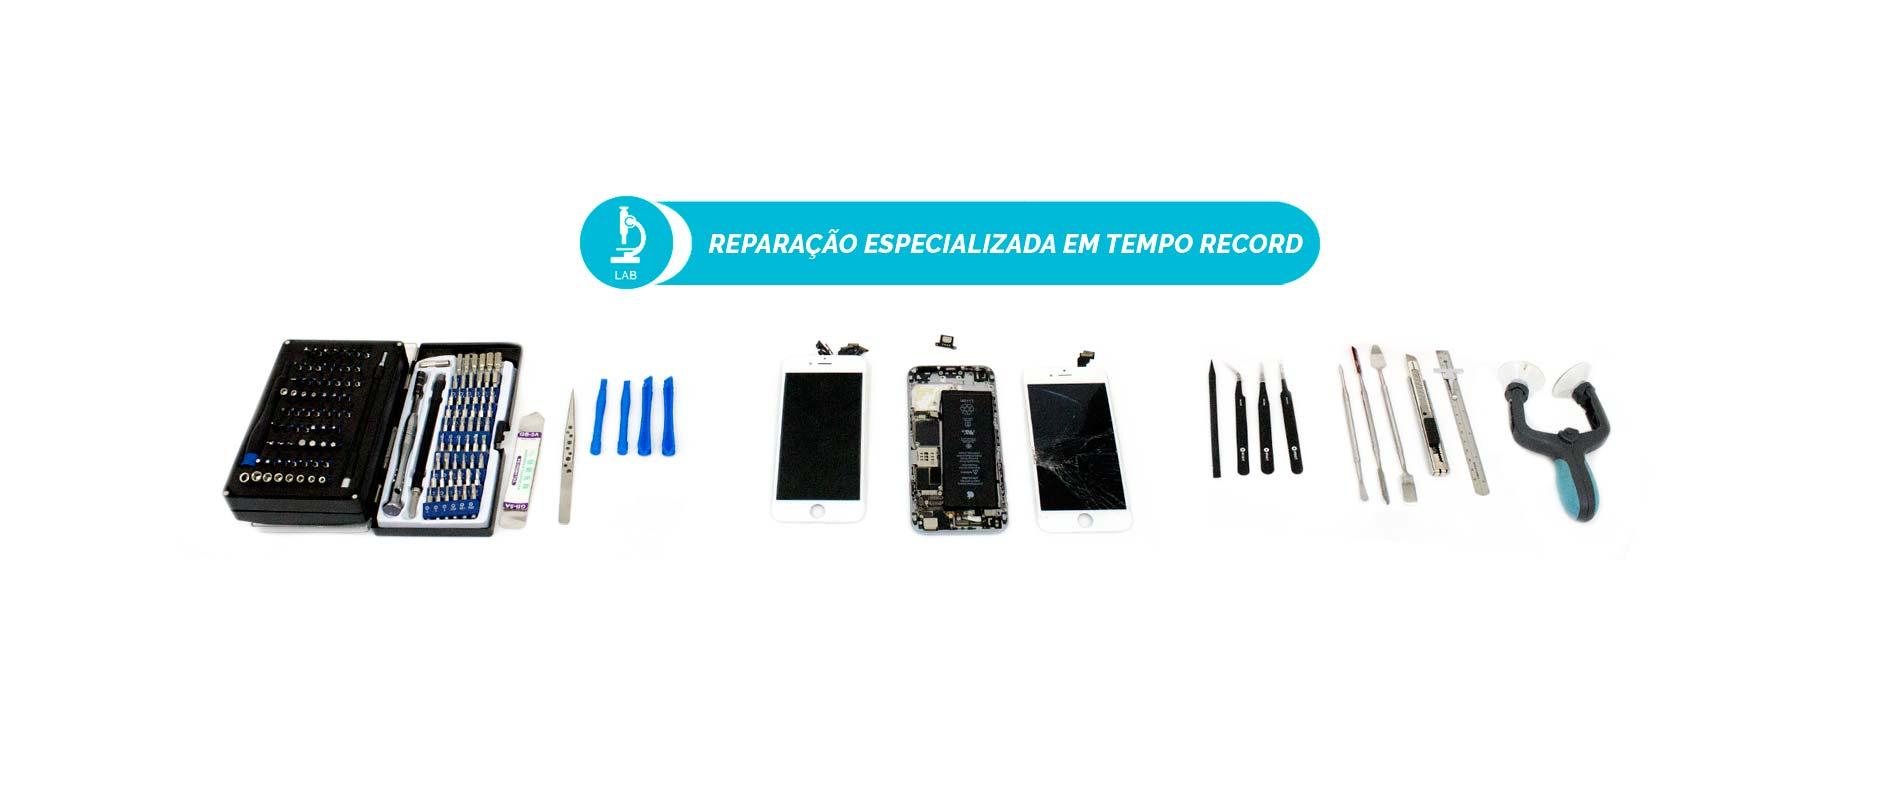 Gadget Hub - Telemóveis e Computadores Novos e Usados - Reparação de Telemóveis - Reparação iPhone em Lisboa